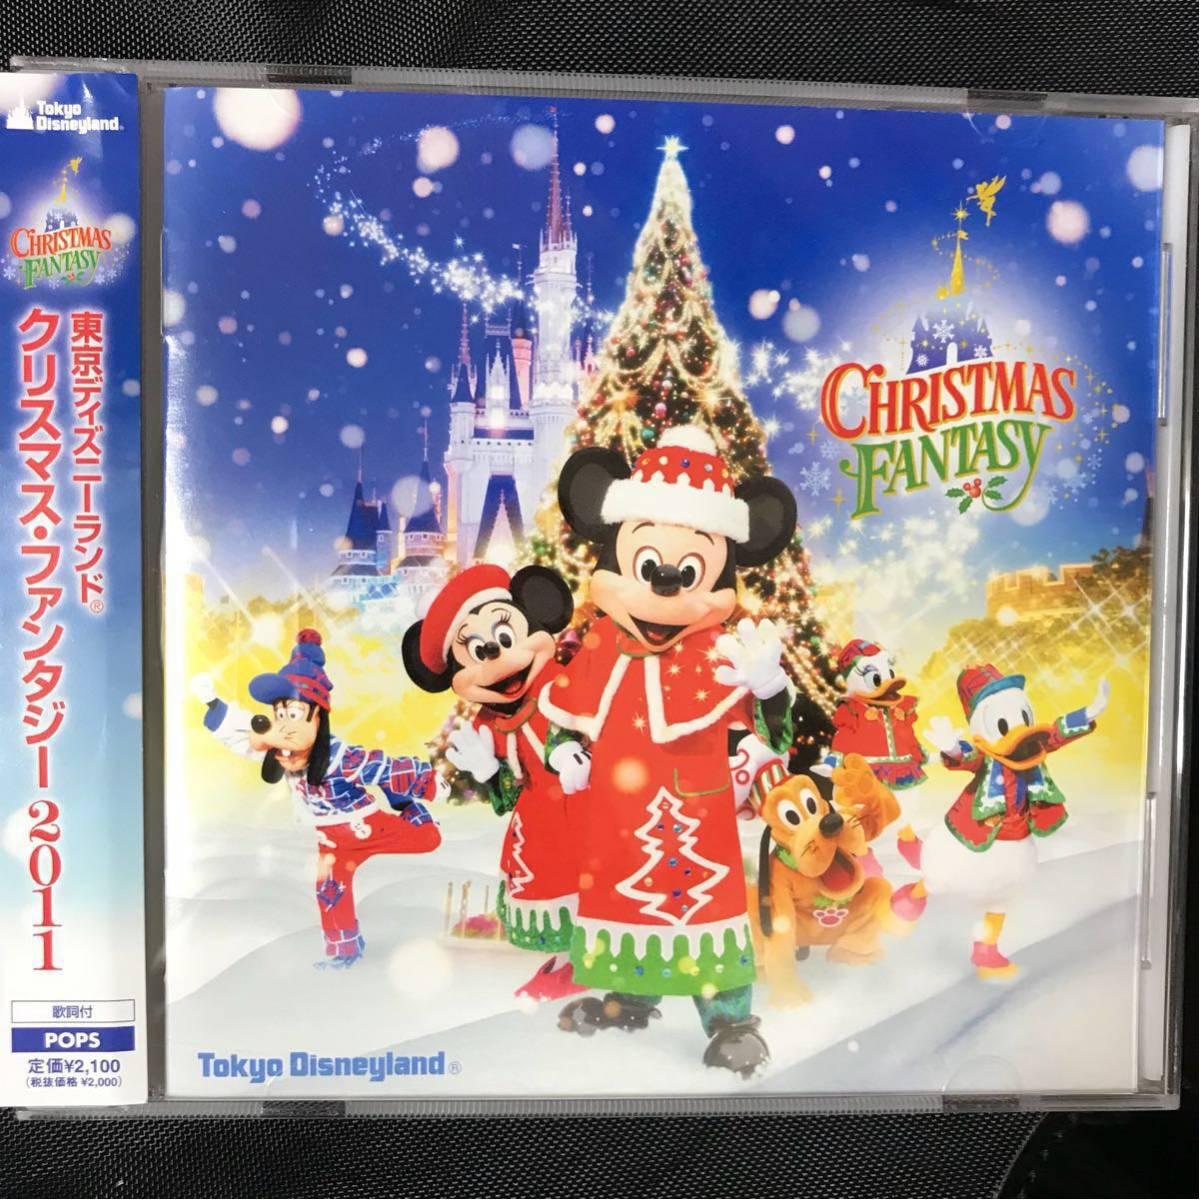 即決400円☆ tdr 中古cd ディズニーランド クリス - ヤフオク!